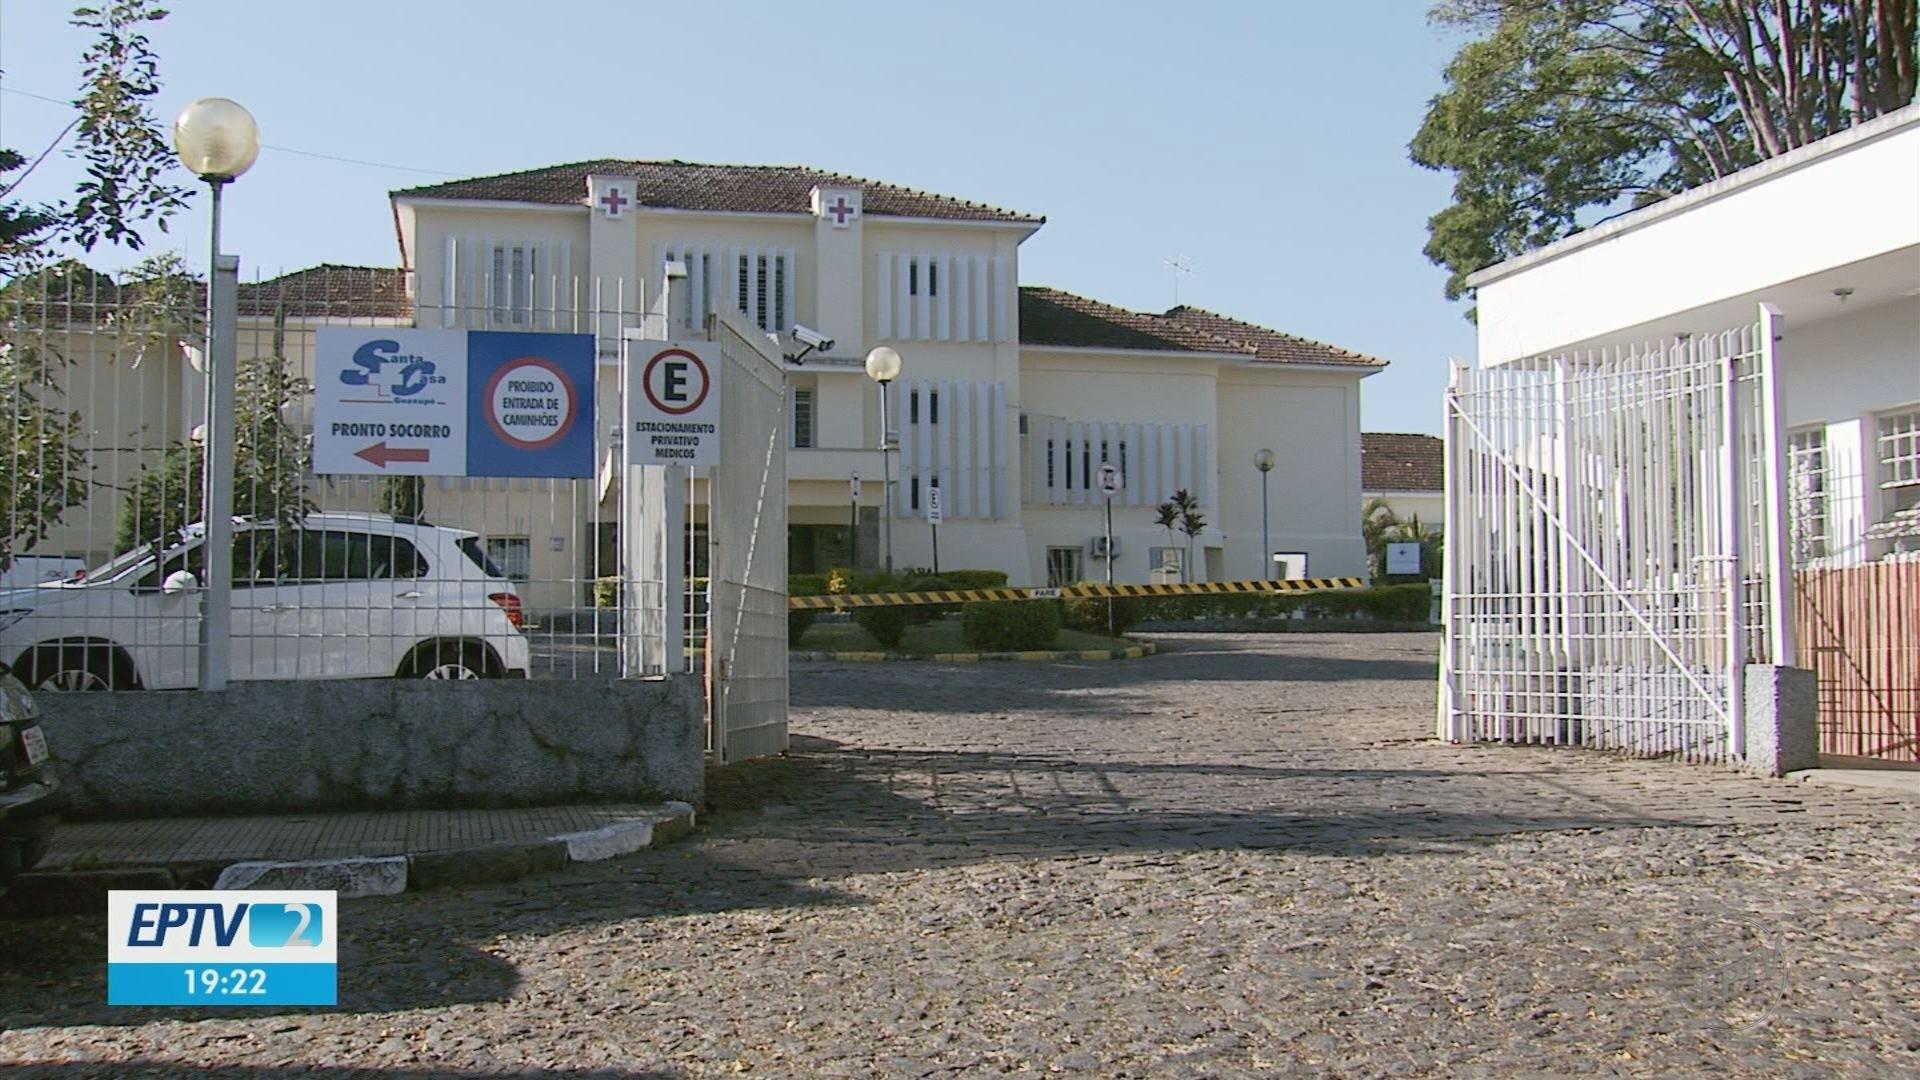 VÍDEOS: EPTV 2 Sul de Minas de sábado, 4 de julho